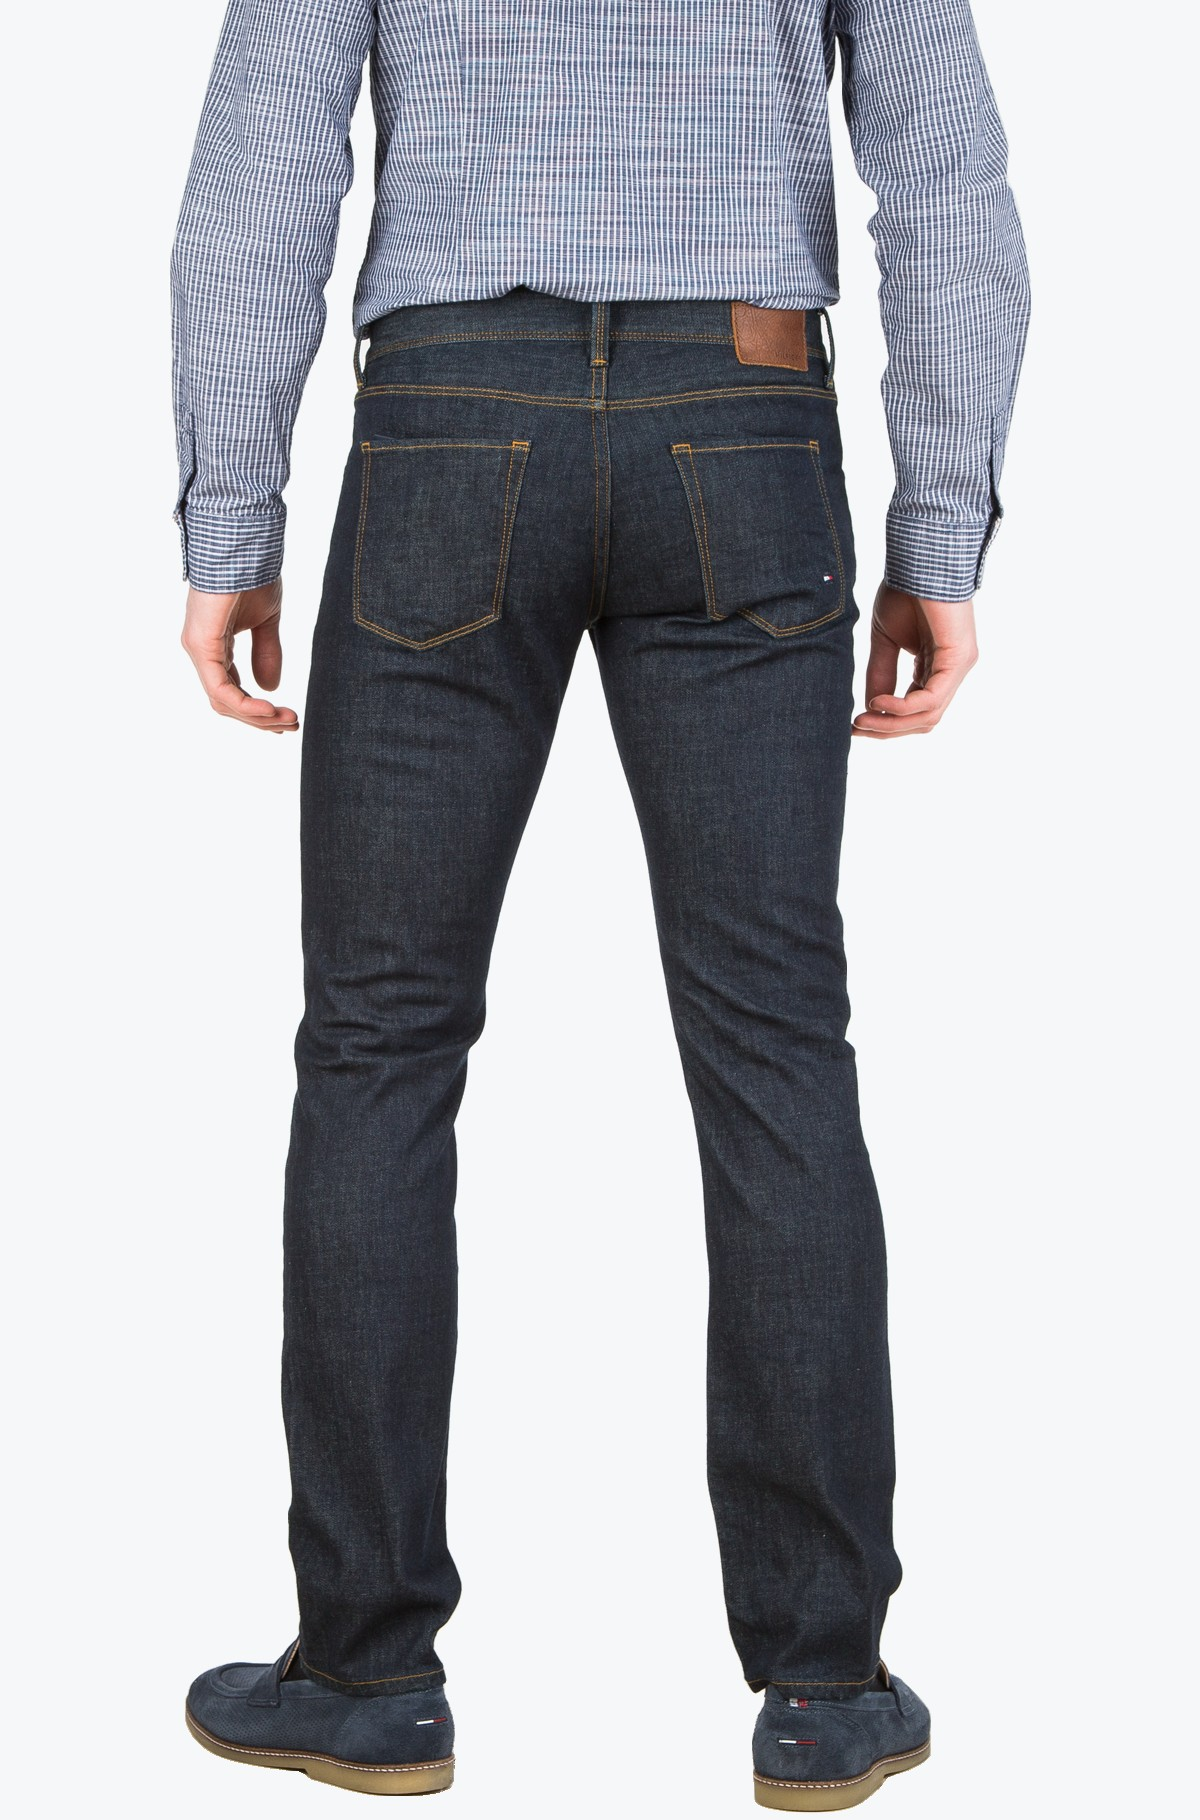 Džinsinės kelnės Denton Str B-full-2